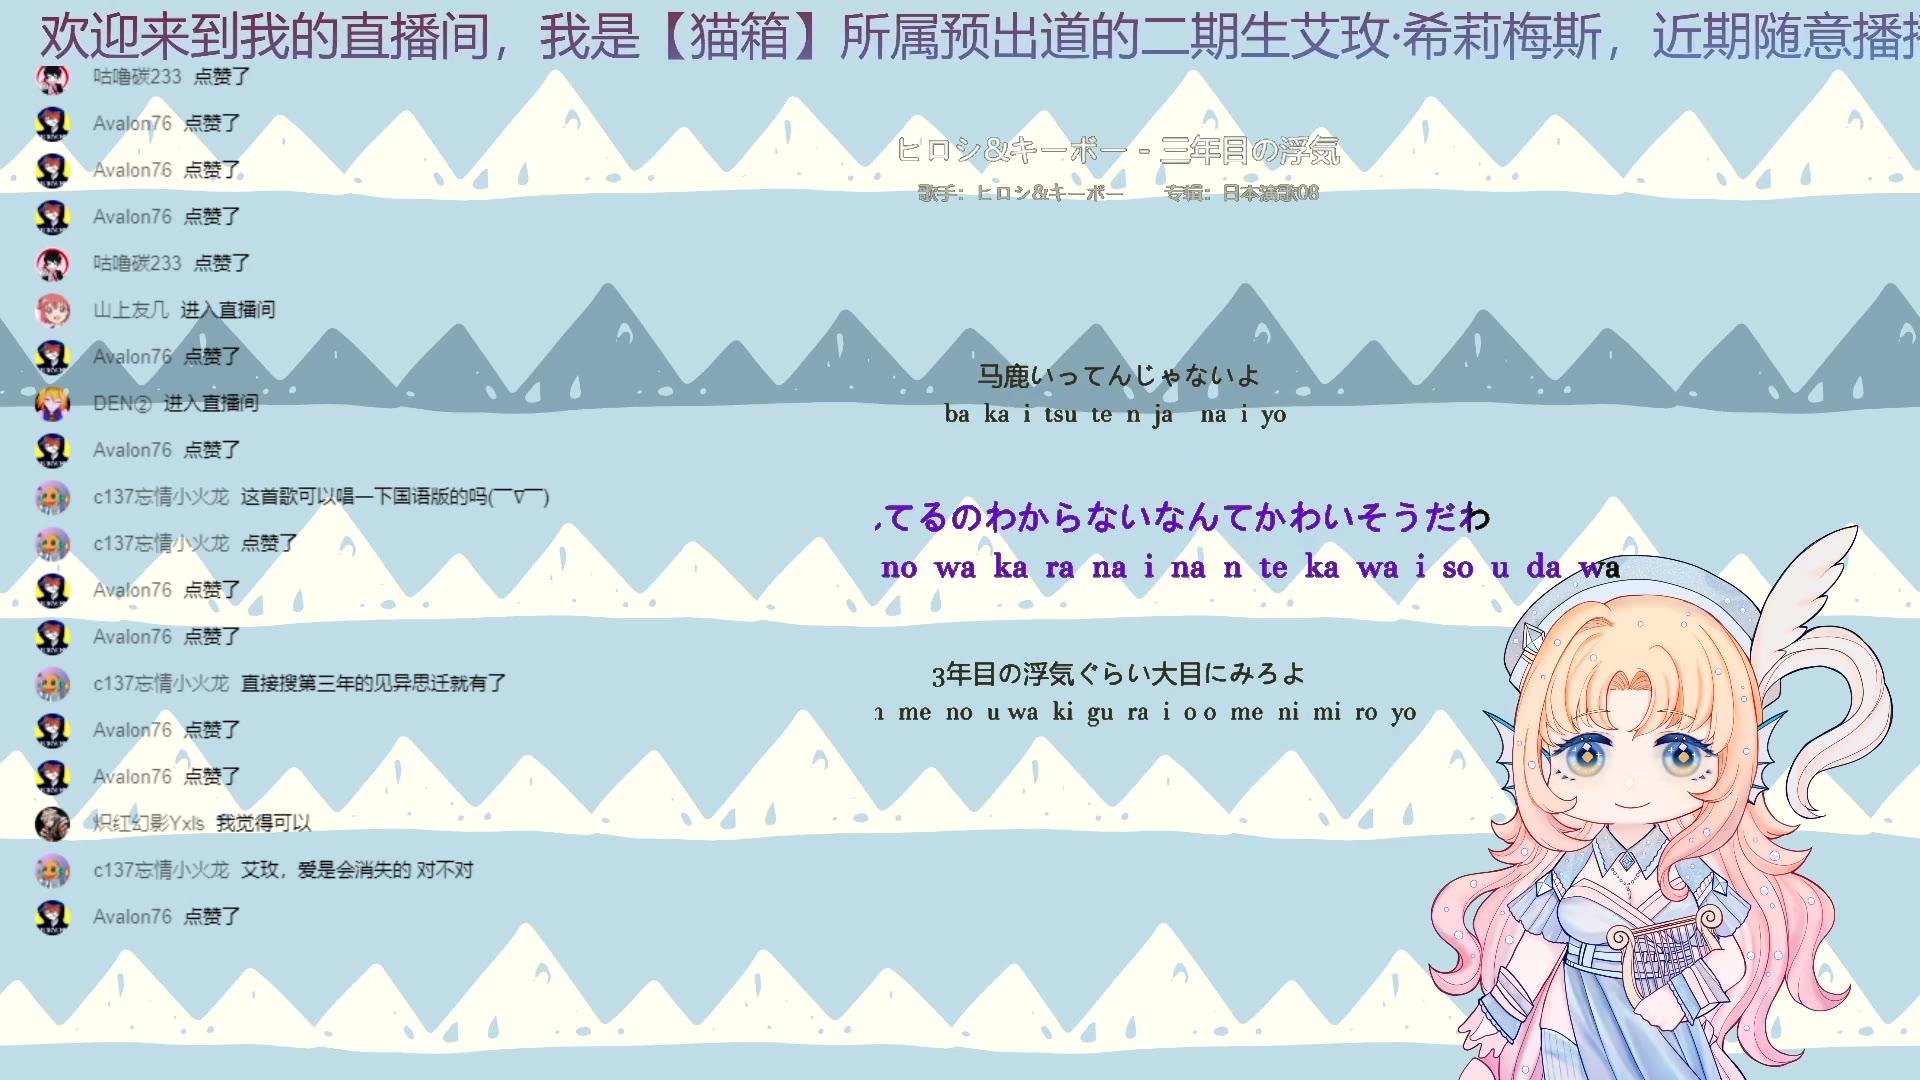 【艾玫】2020-08-14 录播 歌回